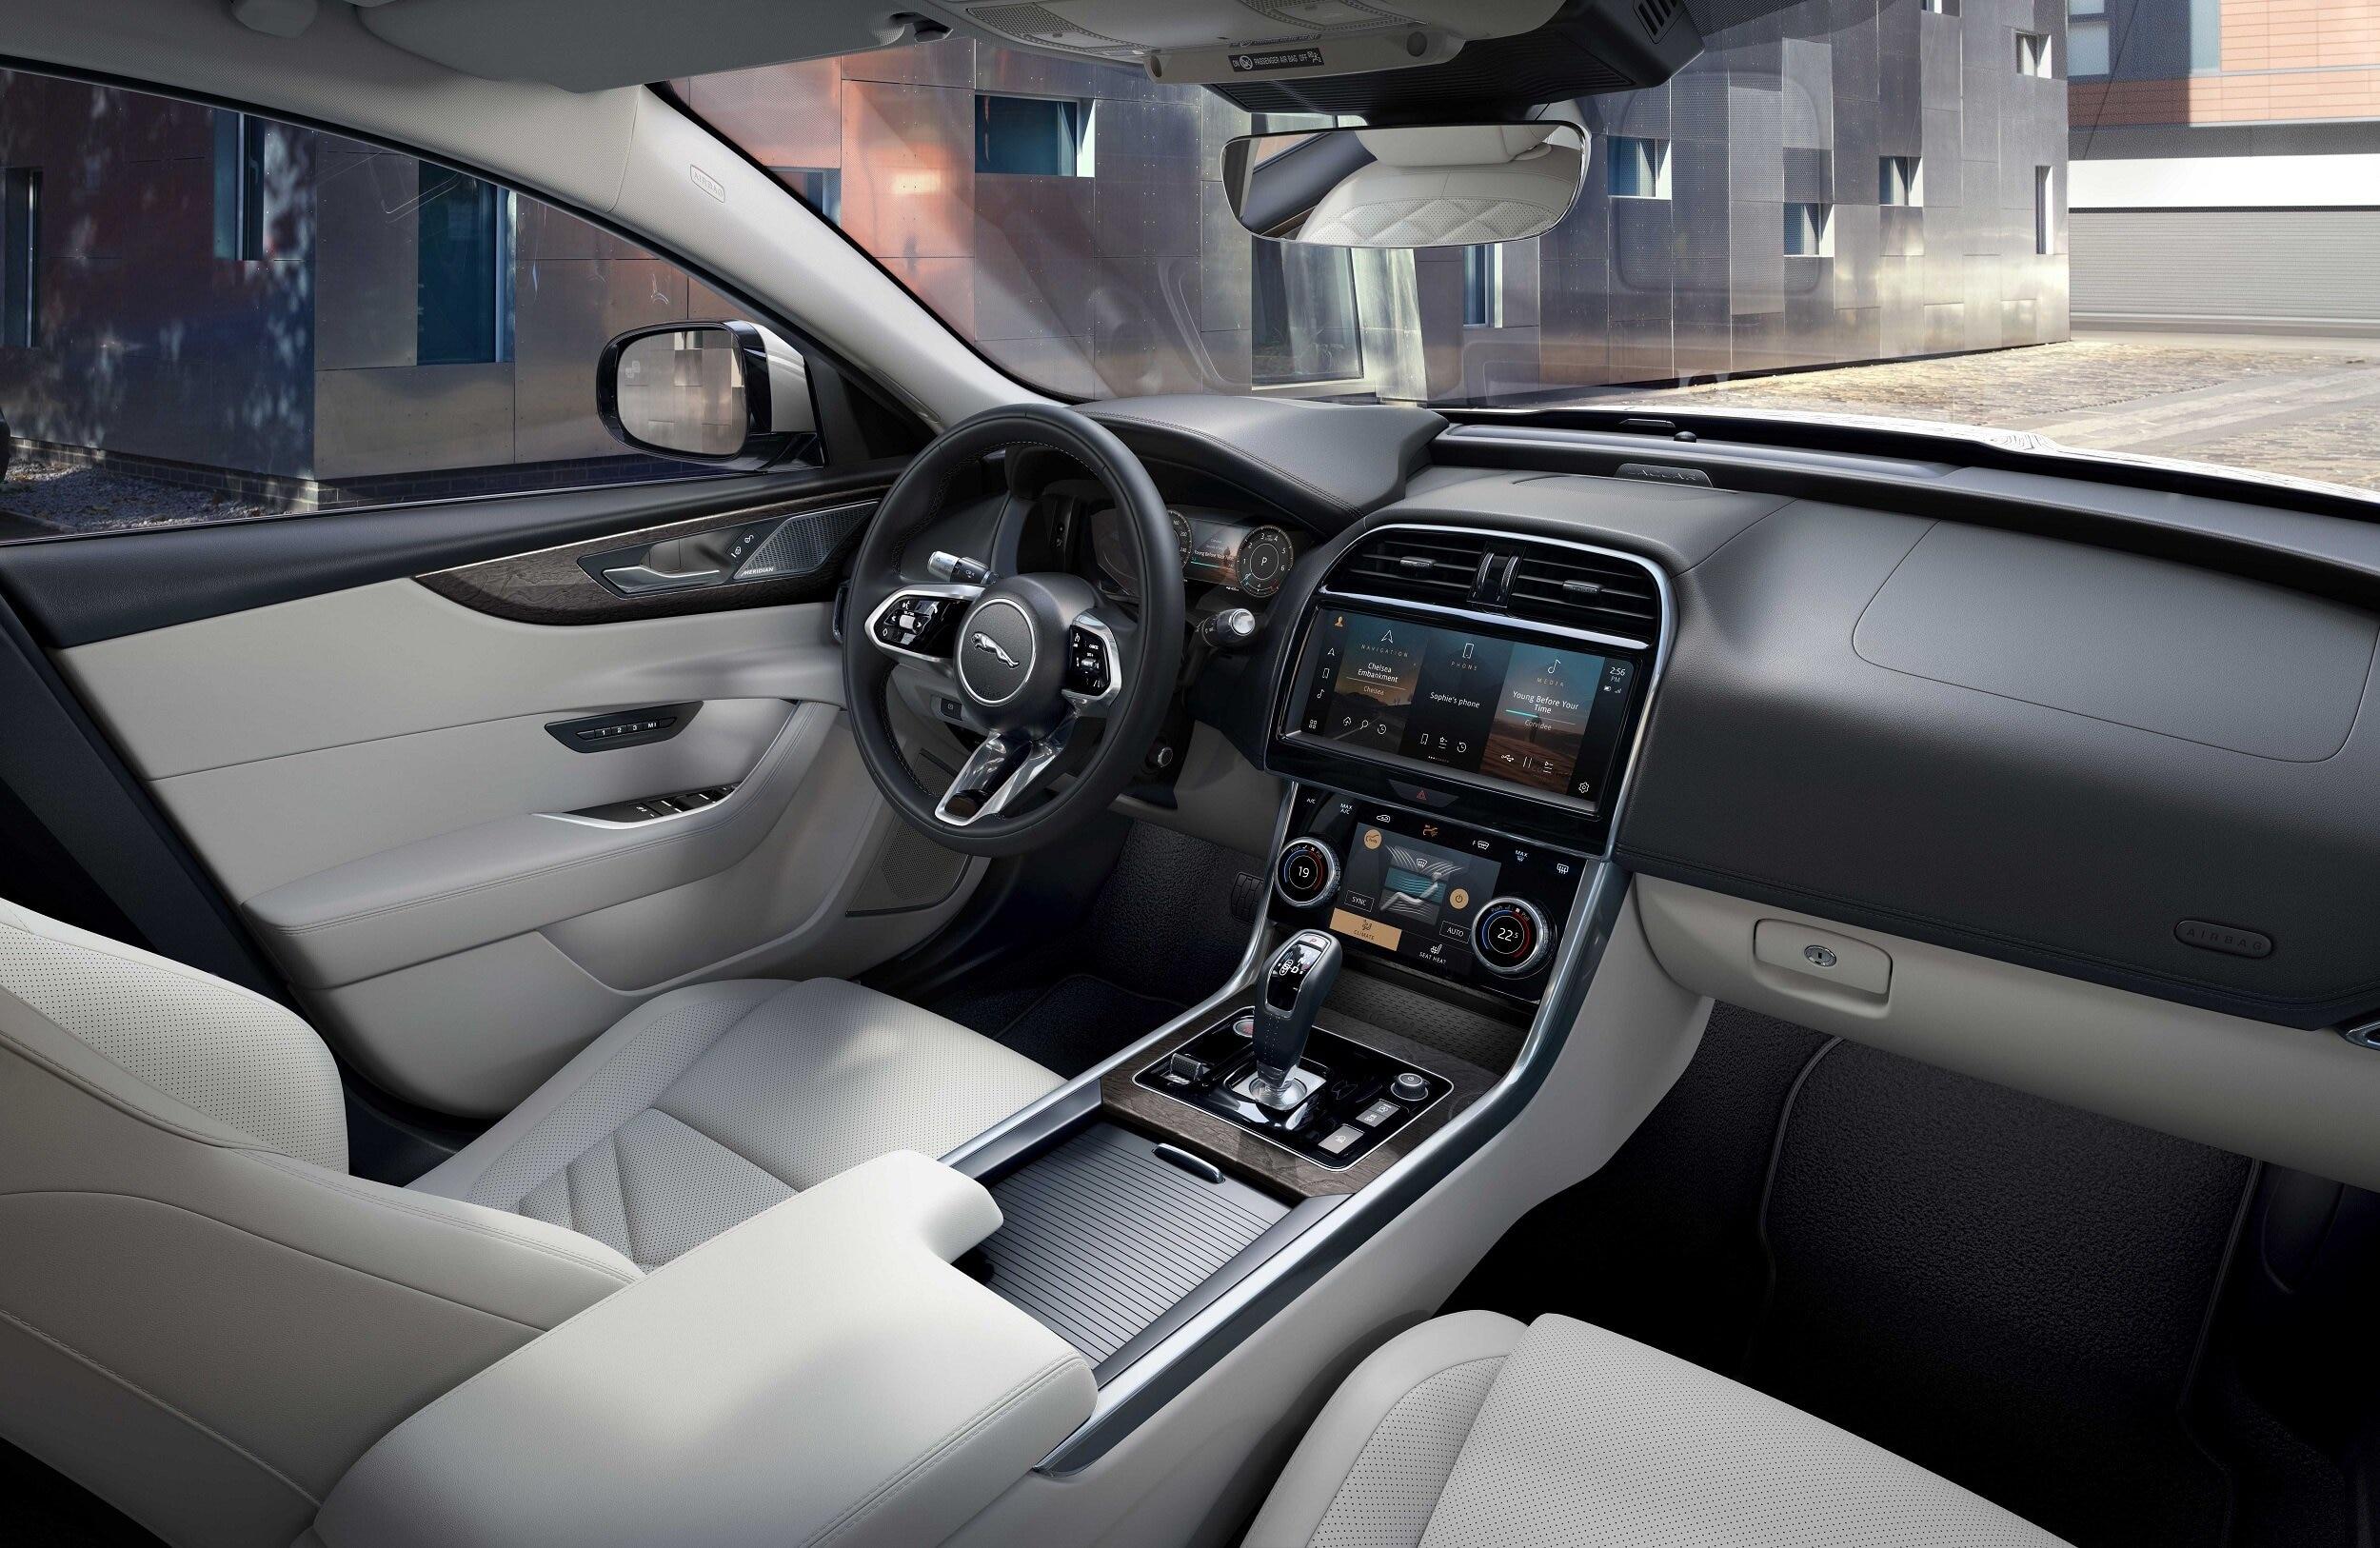 Auto Stahl der neue Jaguar XE Innenansicht